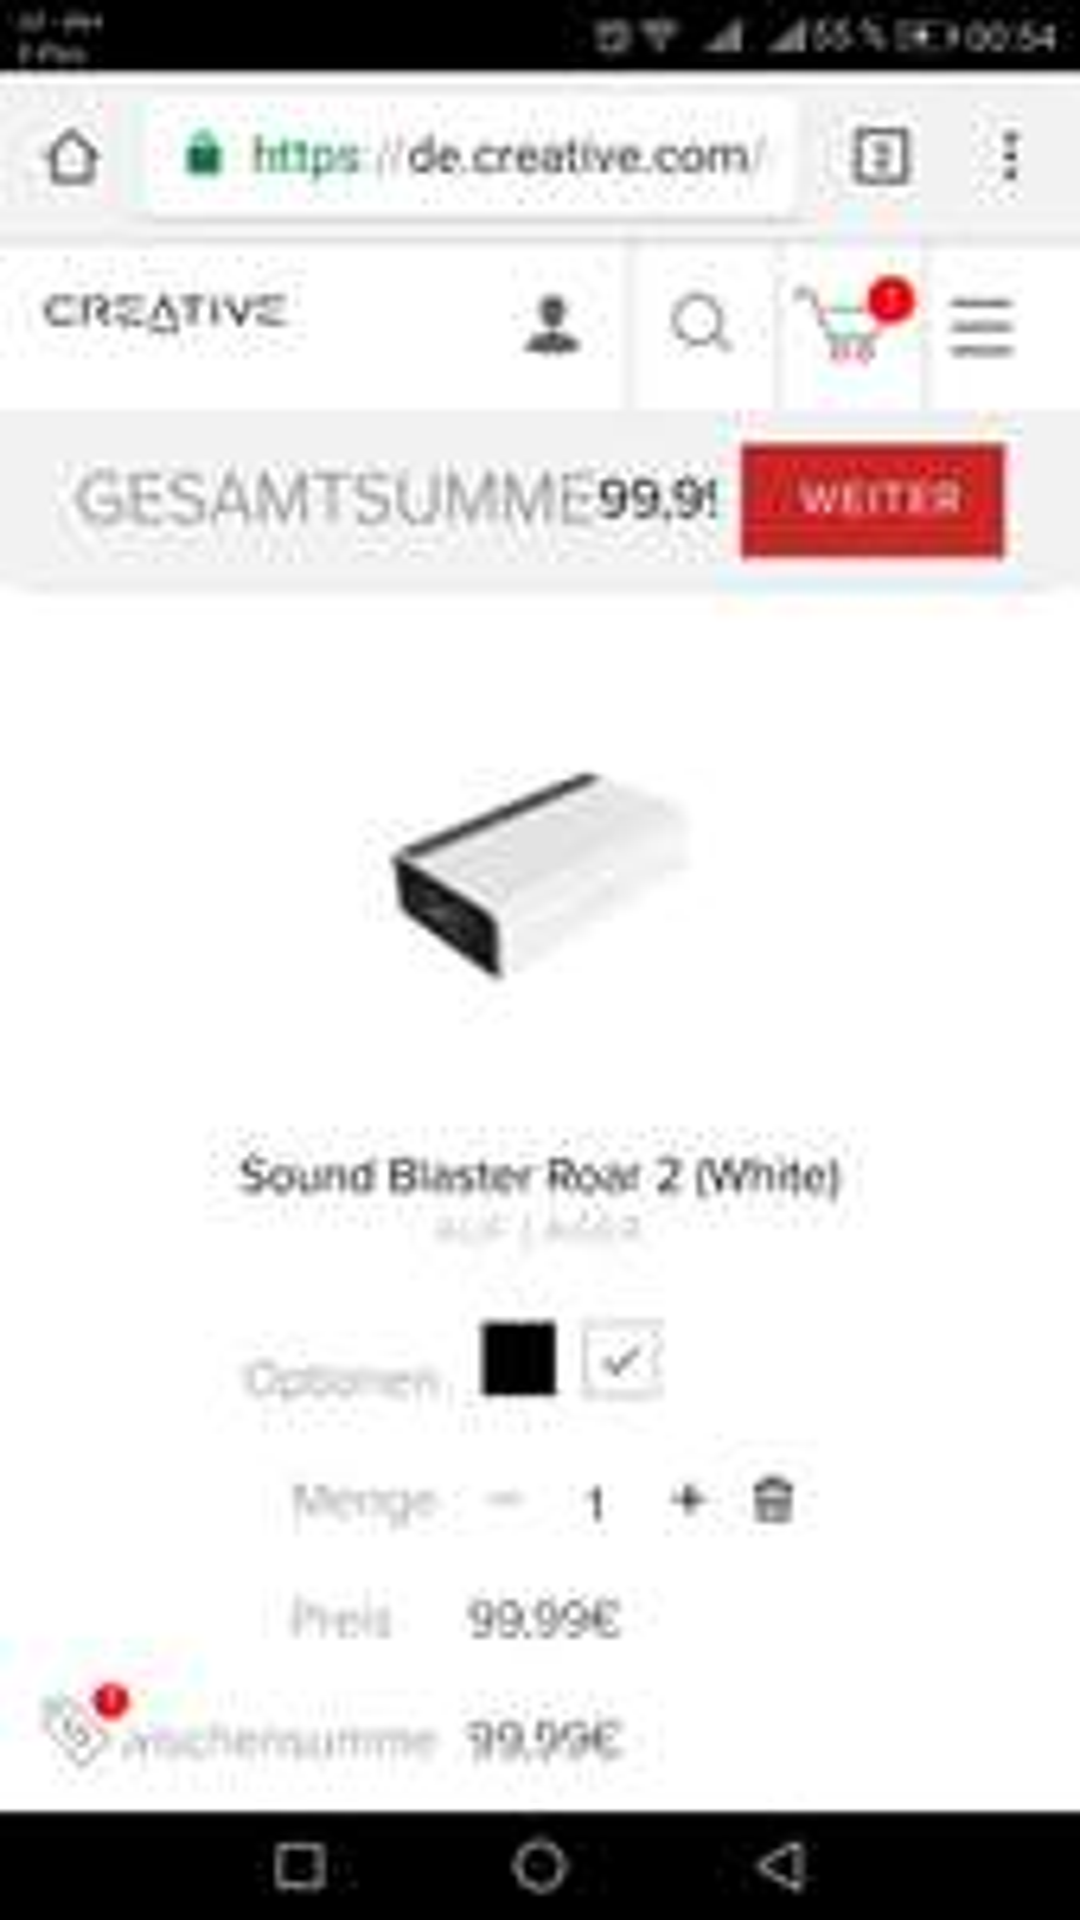 [Creative Online Shop] Creative Soundblaster Roar 2 Wireless Bluetooth Lautsprecher in Schwarz oder Weiß /Versandkostenfrei